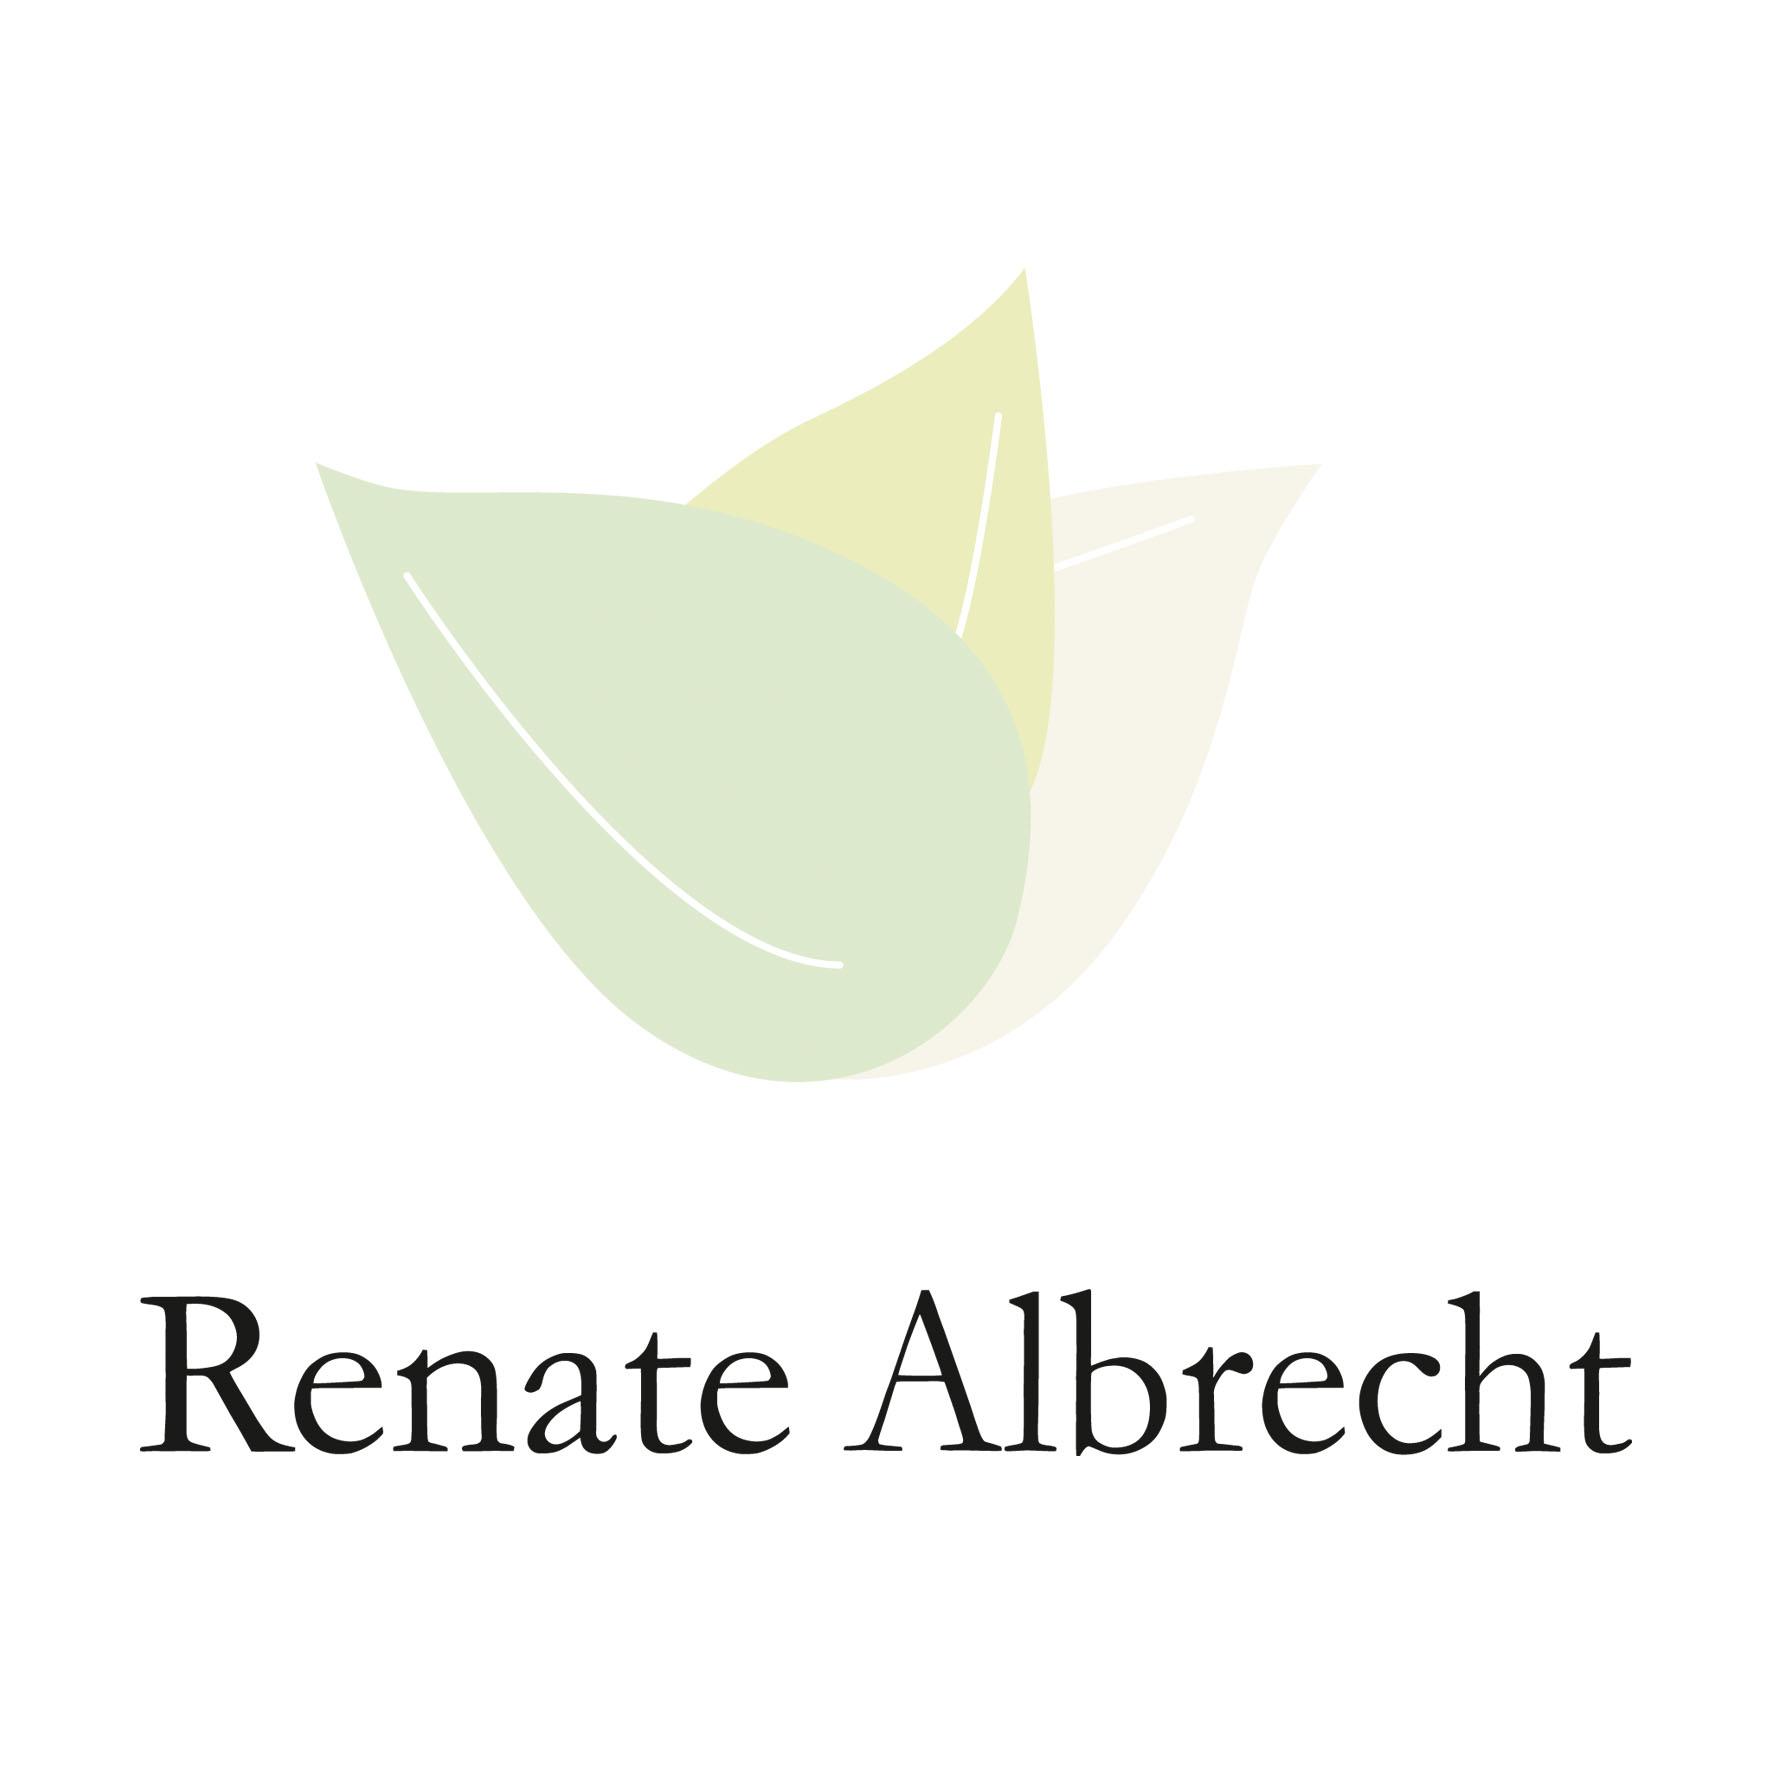 Renate Albrecht Psychotherapie / Coaching / Mediation Nordhorn